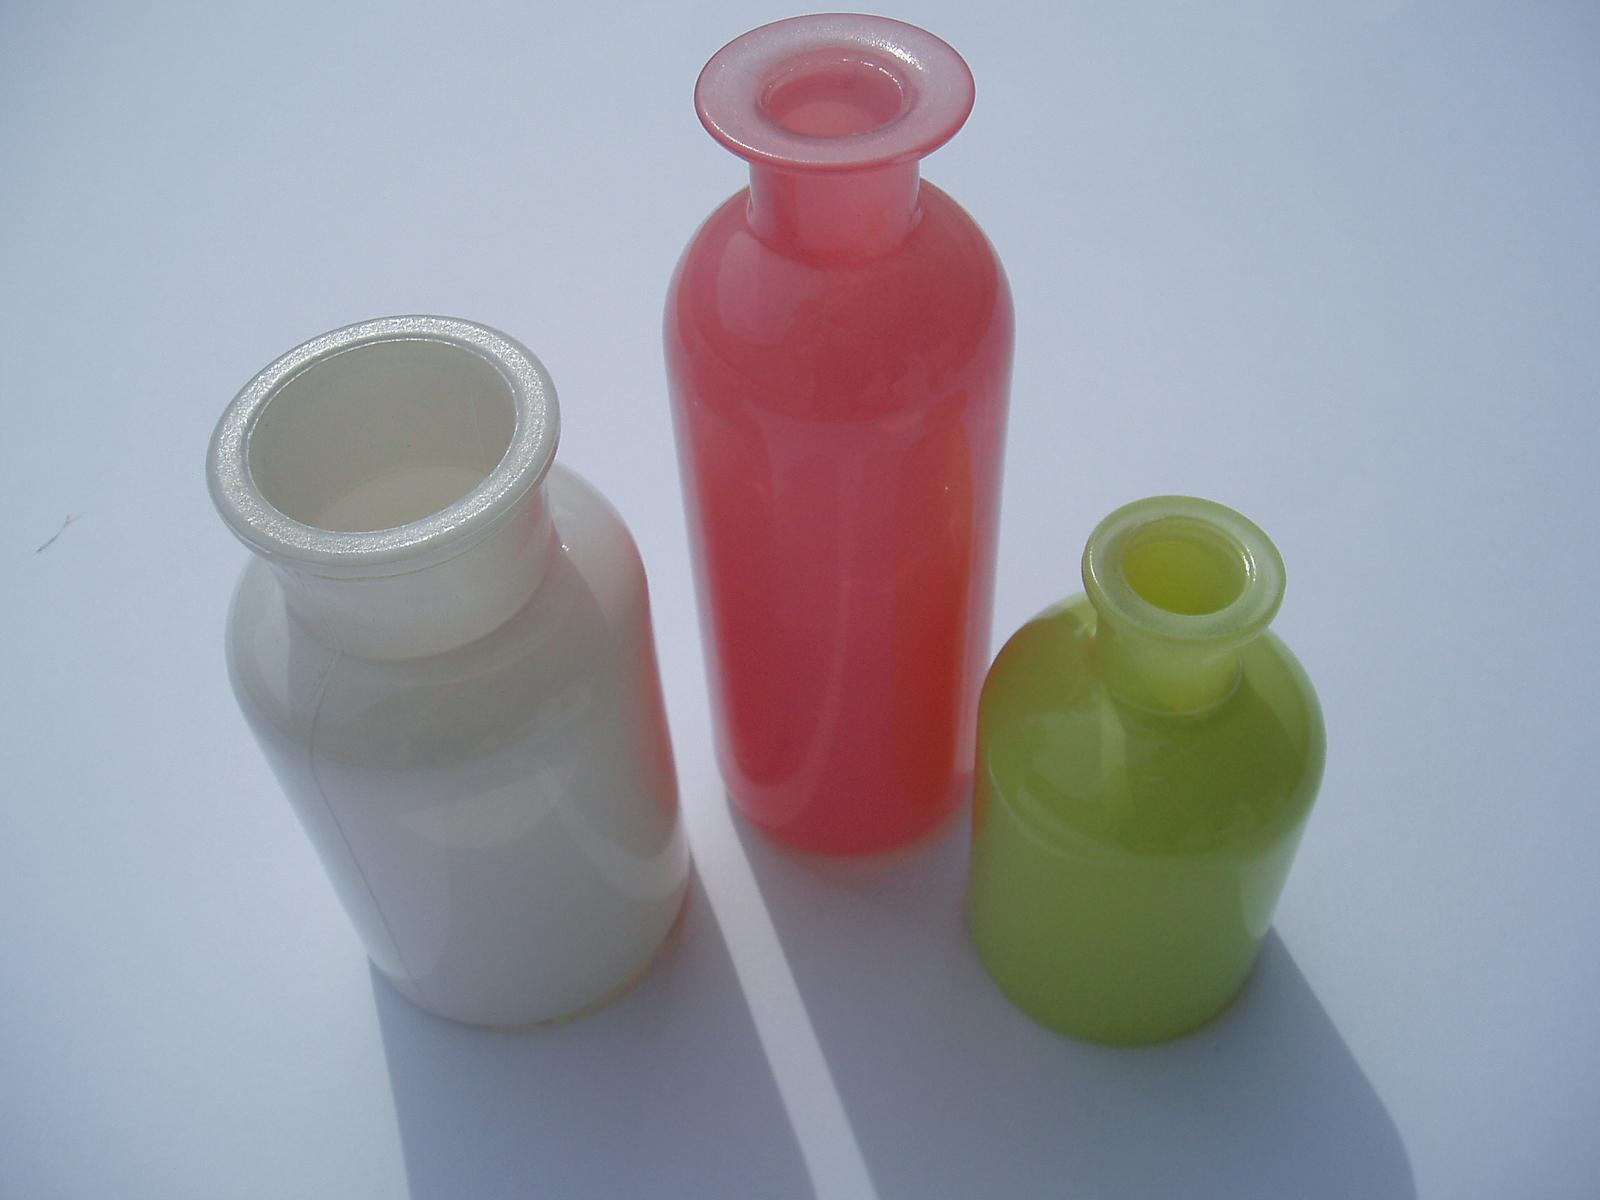 lahev barevná - Obrázek č. 1